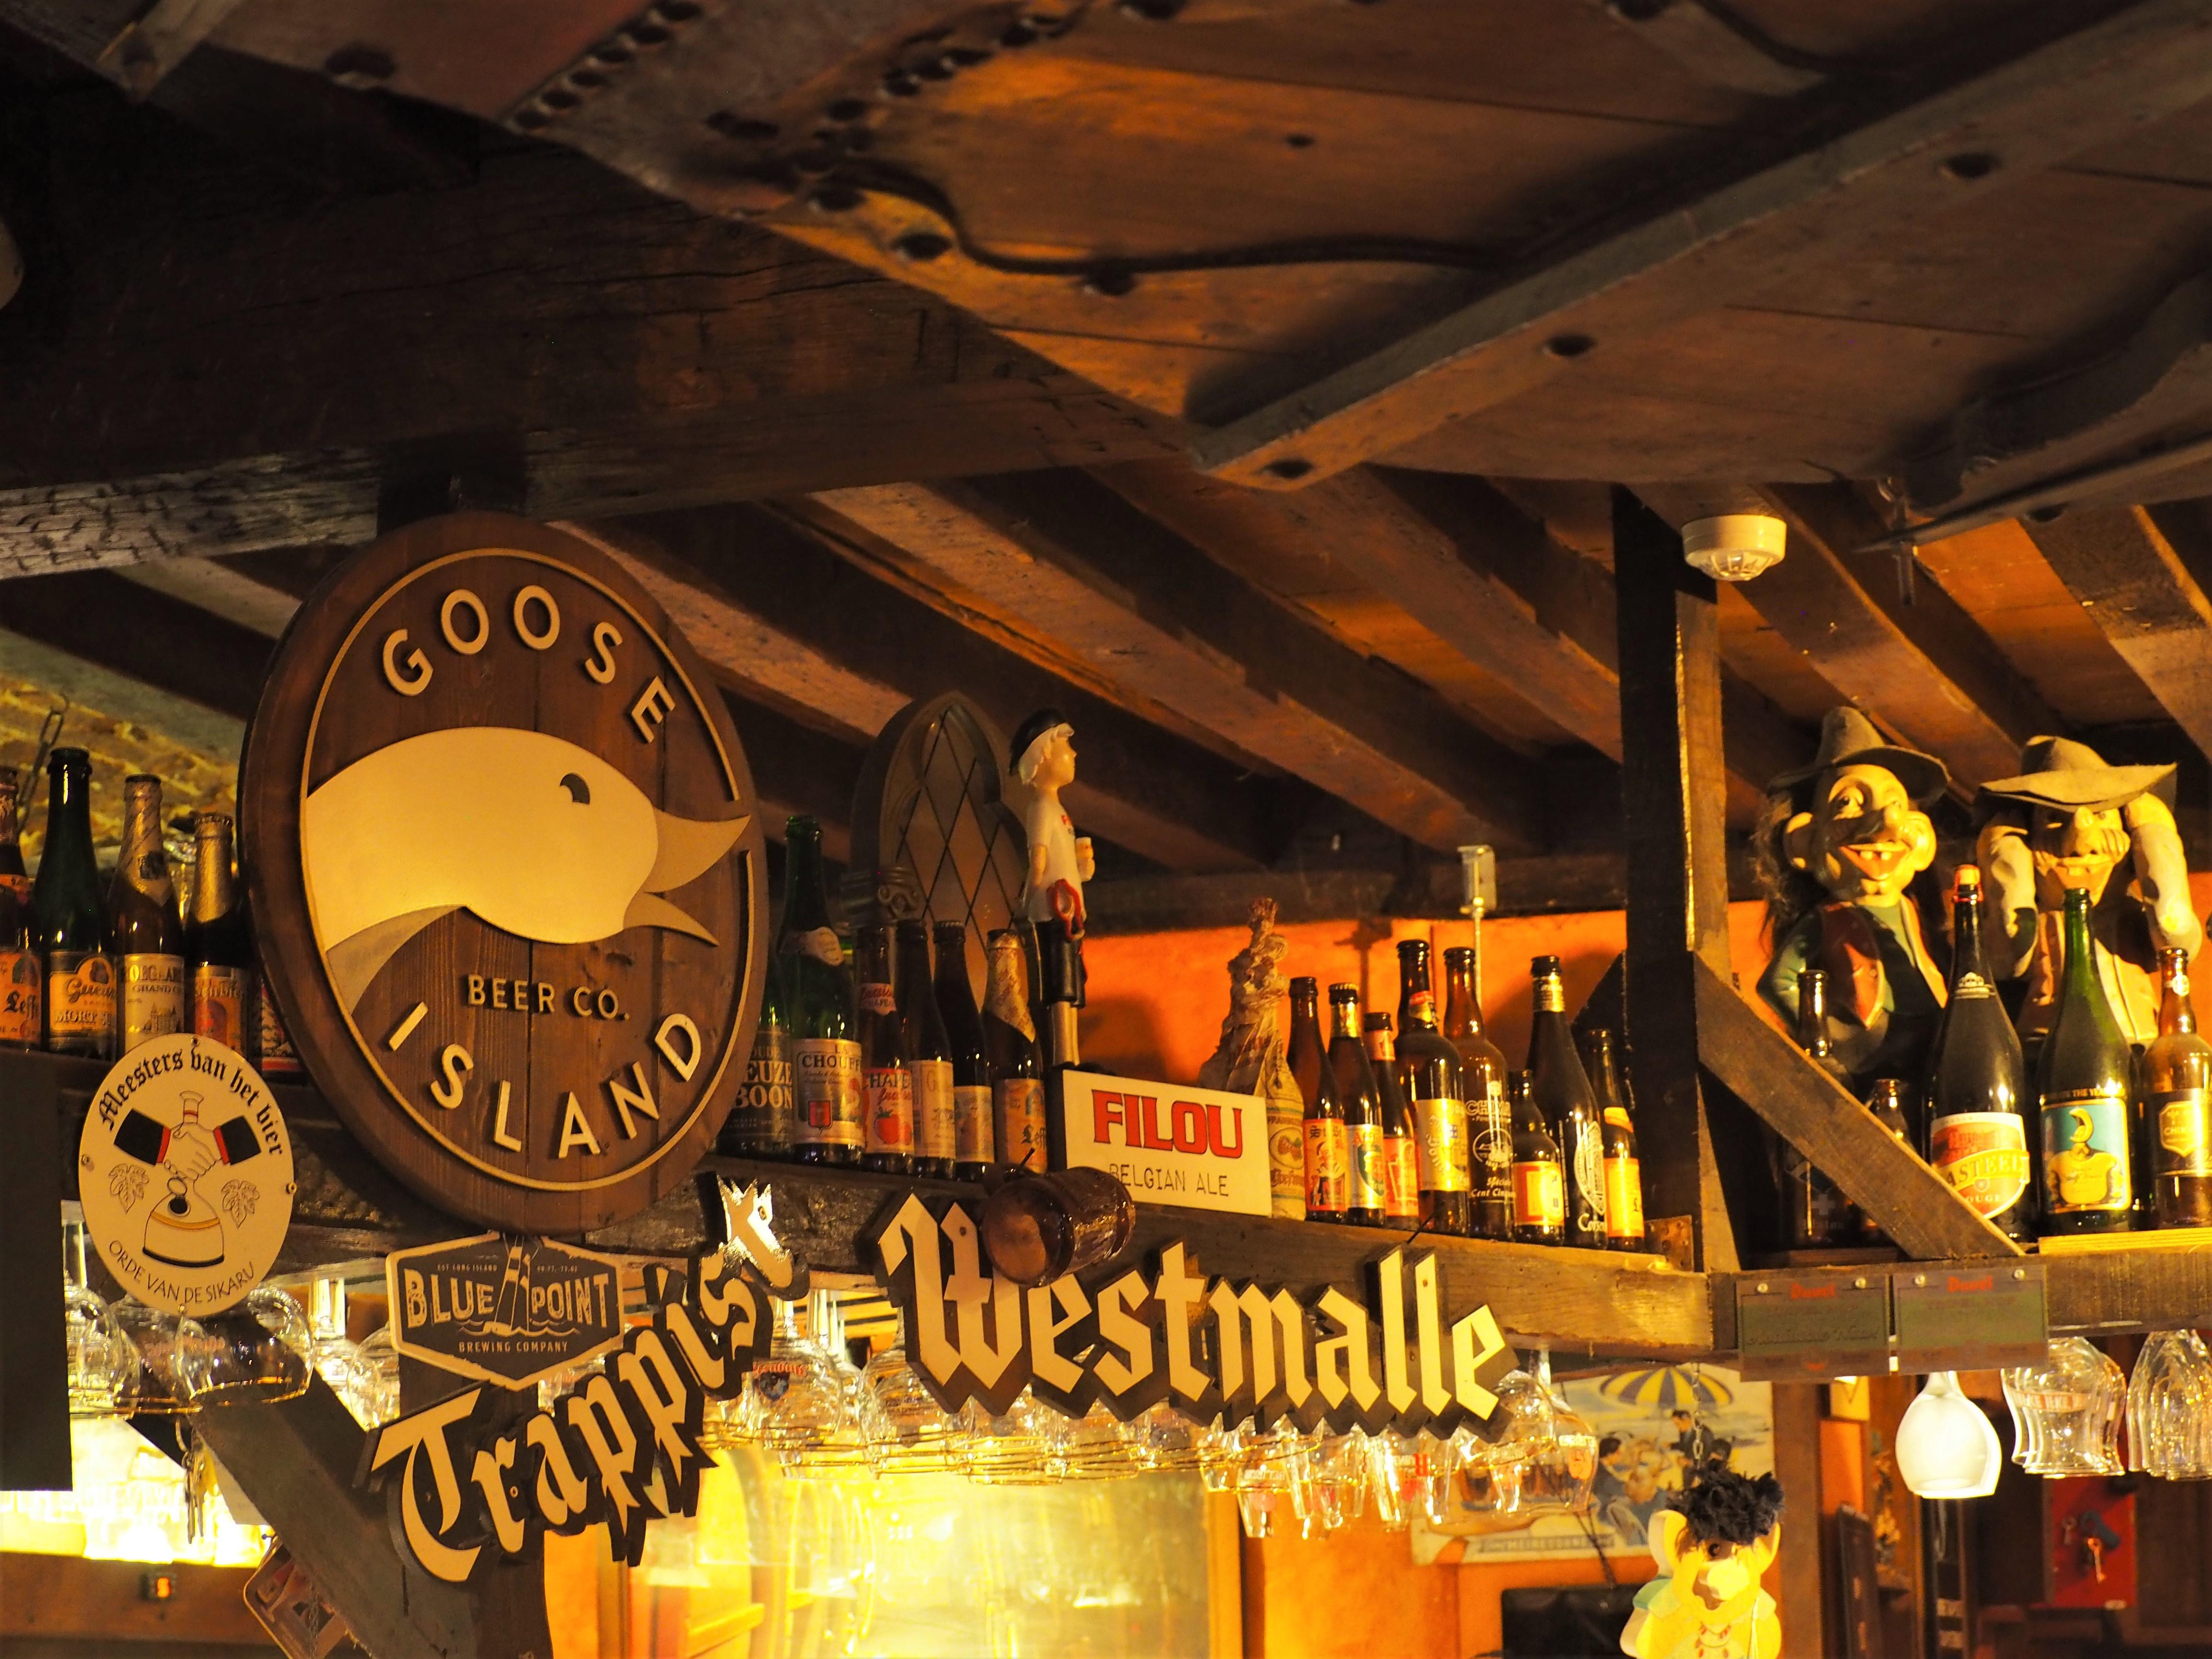 Bar gand belgique pub trollekelder eglise saint jacques atypique clioandco blog voyage